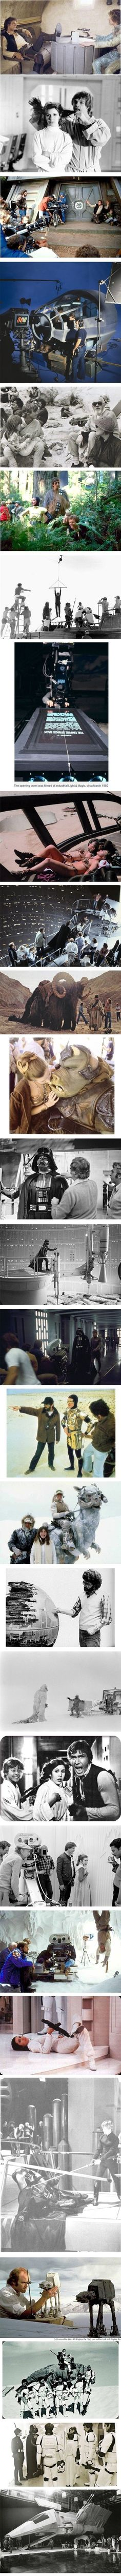 Star Wars behind the scenes!